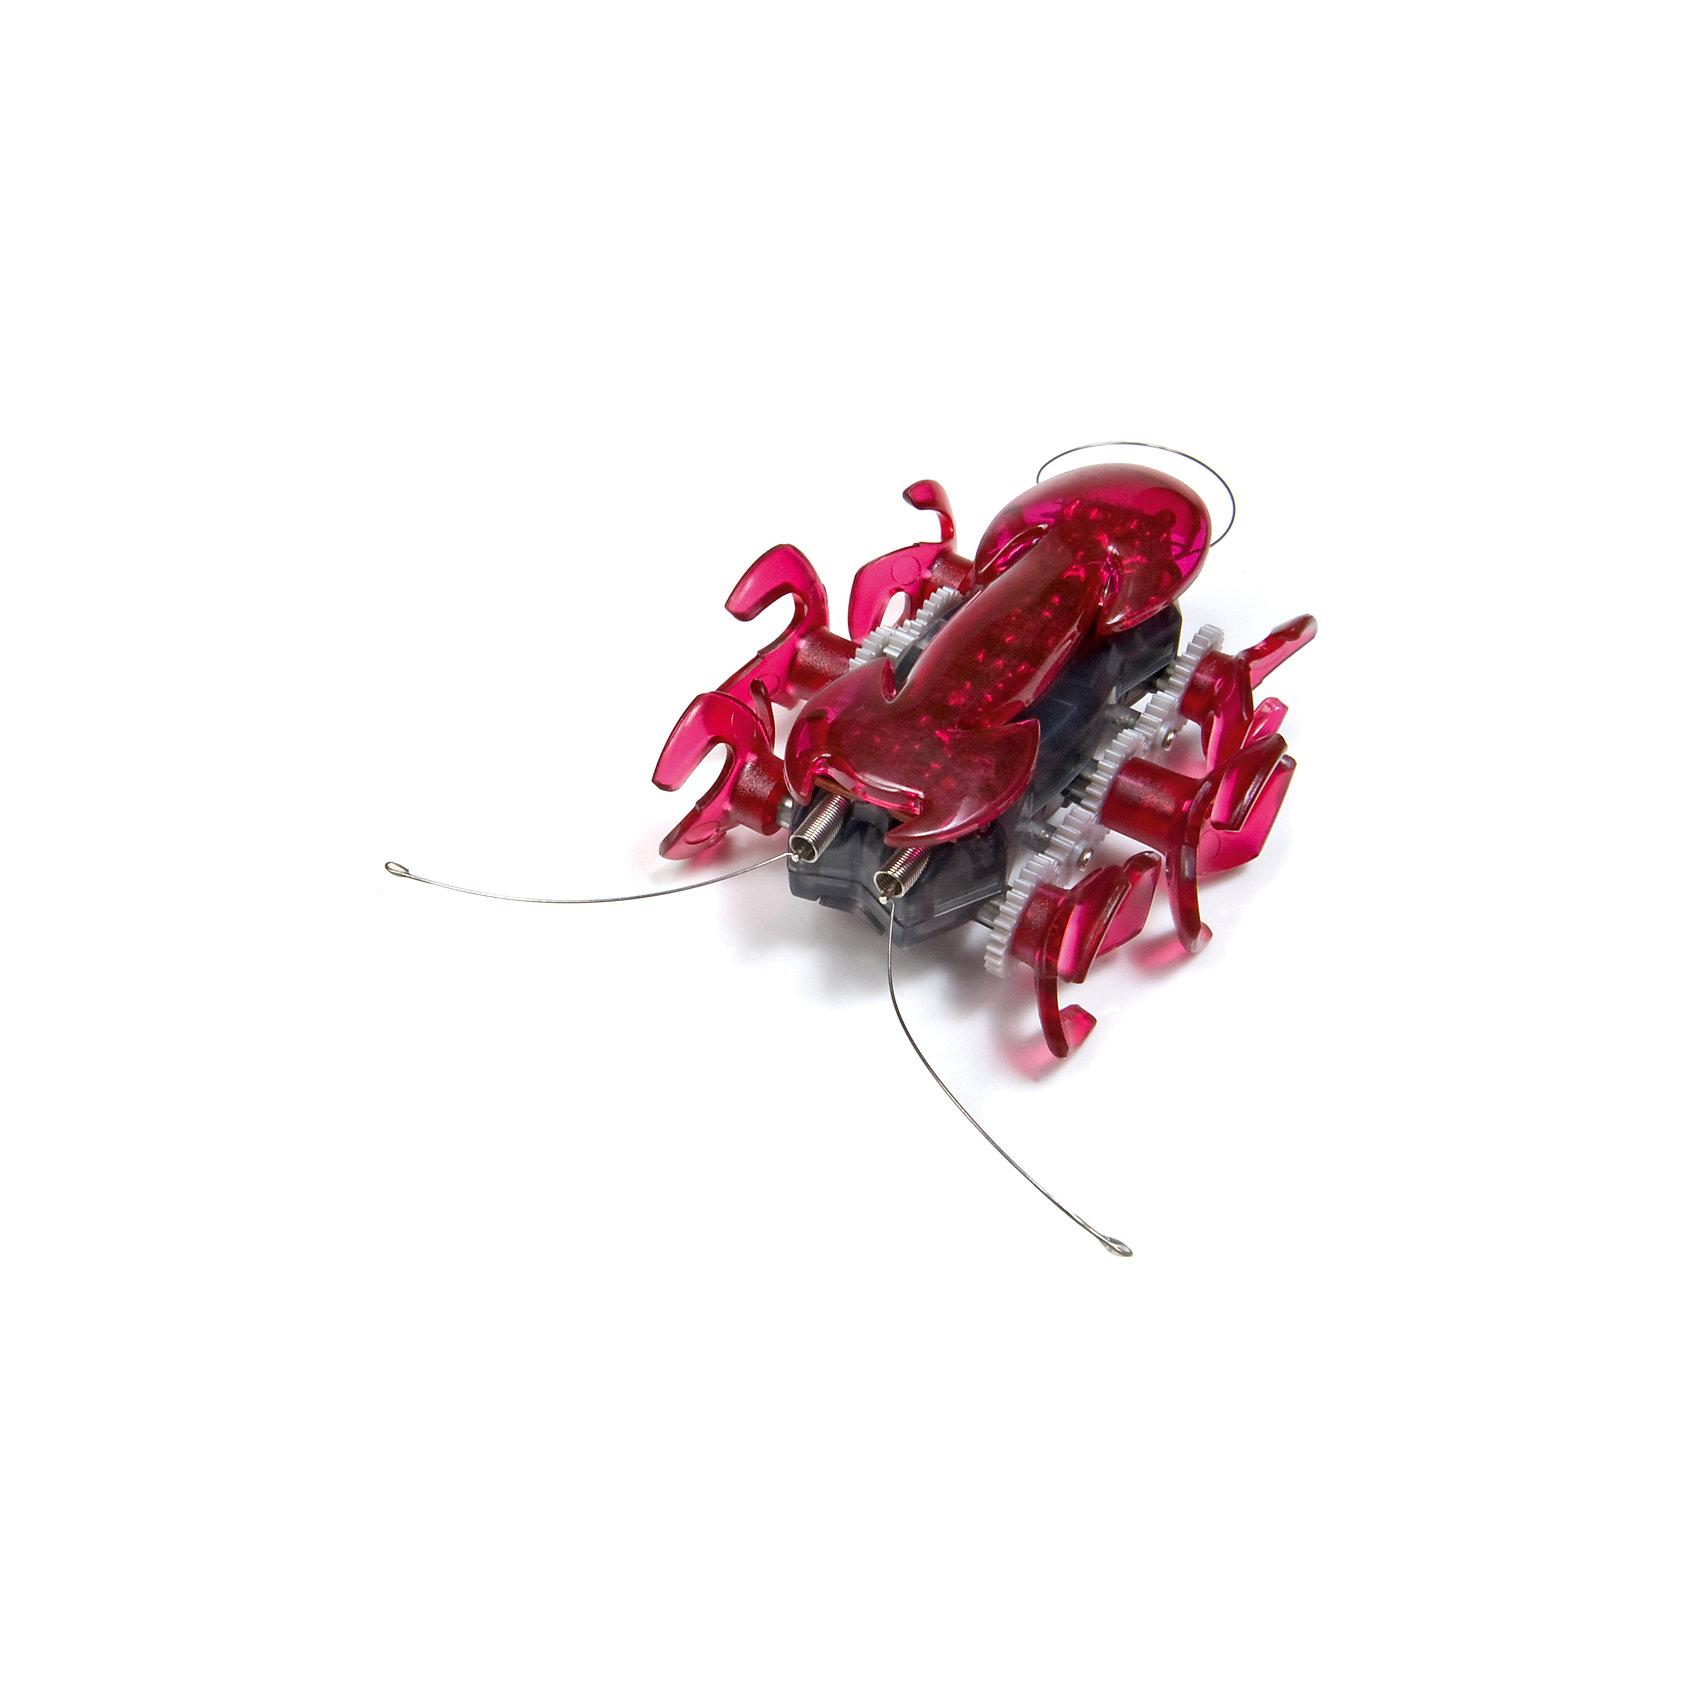 Микро-робот Муравей, красный, HexbugХарактеристики электронной игрушки Hexbug:<br><br>• отличительная особенность: самое быстрое насекомое из серии Hexbug Nano;<br>• поведение наноробота: едет в одном направлении до преграды, затем едет в обратном направлении;<br>• командам муравей не подчиняется;<br>• наличие сенсорных датчиков;<br>• вместо лапок у наномуравья колесики;<br>• во время движения слышен механический звук;<br>• размер наноробота: 6х5х2,5 см;<br>• вес насекомого: 20 г;<br>• наноробот без труда путешествует по нанодромам из наборов Hexbug Nano;<br>• батарейки входят в комплект: 2 шт. типа AG13;<br>• материал: пластик. <br><br>Электронная игрушка Нано – это микро-робот Hexbug Ant, который очень быстро бегает по ровной поверхности. Наноробот на колесиках оснащен сенсорами, которые находятся спереди и сзади. С нанороботами можно устроить настоящие скоростные забеги. <br><br>Микро-робот Муравей, красный, Hexbug можно купить в нашем интернет-магазине.<br><br>Ширина мм: 6<br>Глубина мм: 11<br>Высота мм: 9<br>Вес г: 36<br>Возраст от месяцев: 36<br>Возраст до месяцев: 2147483647<br>Пол: Унисекс<br>Возраст: Детский<br>SKU: 5007067